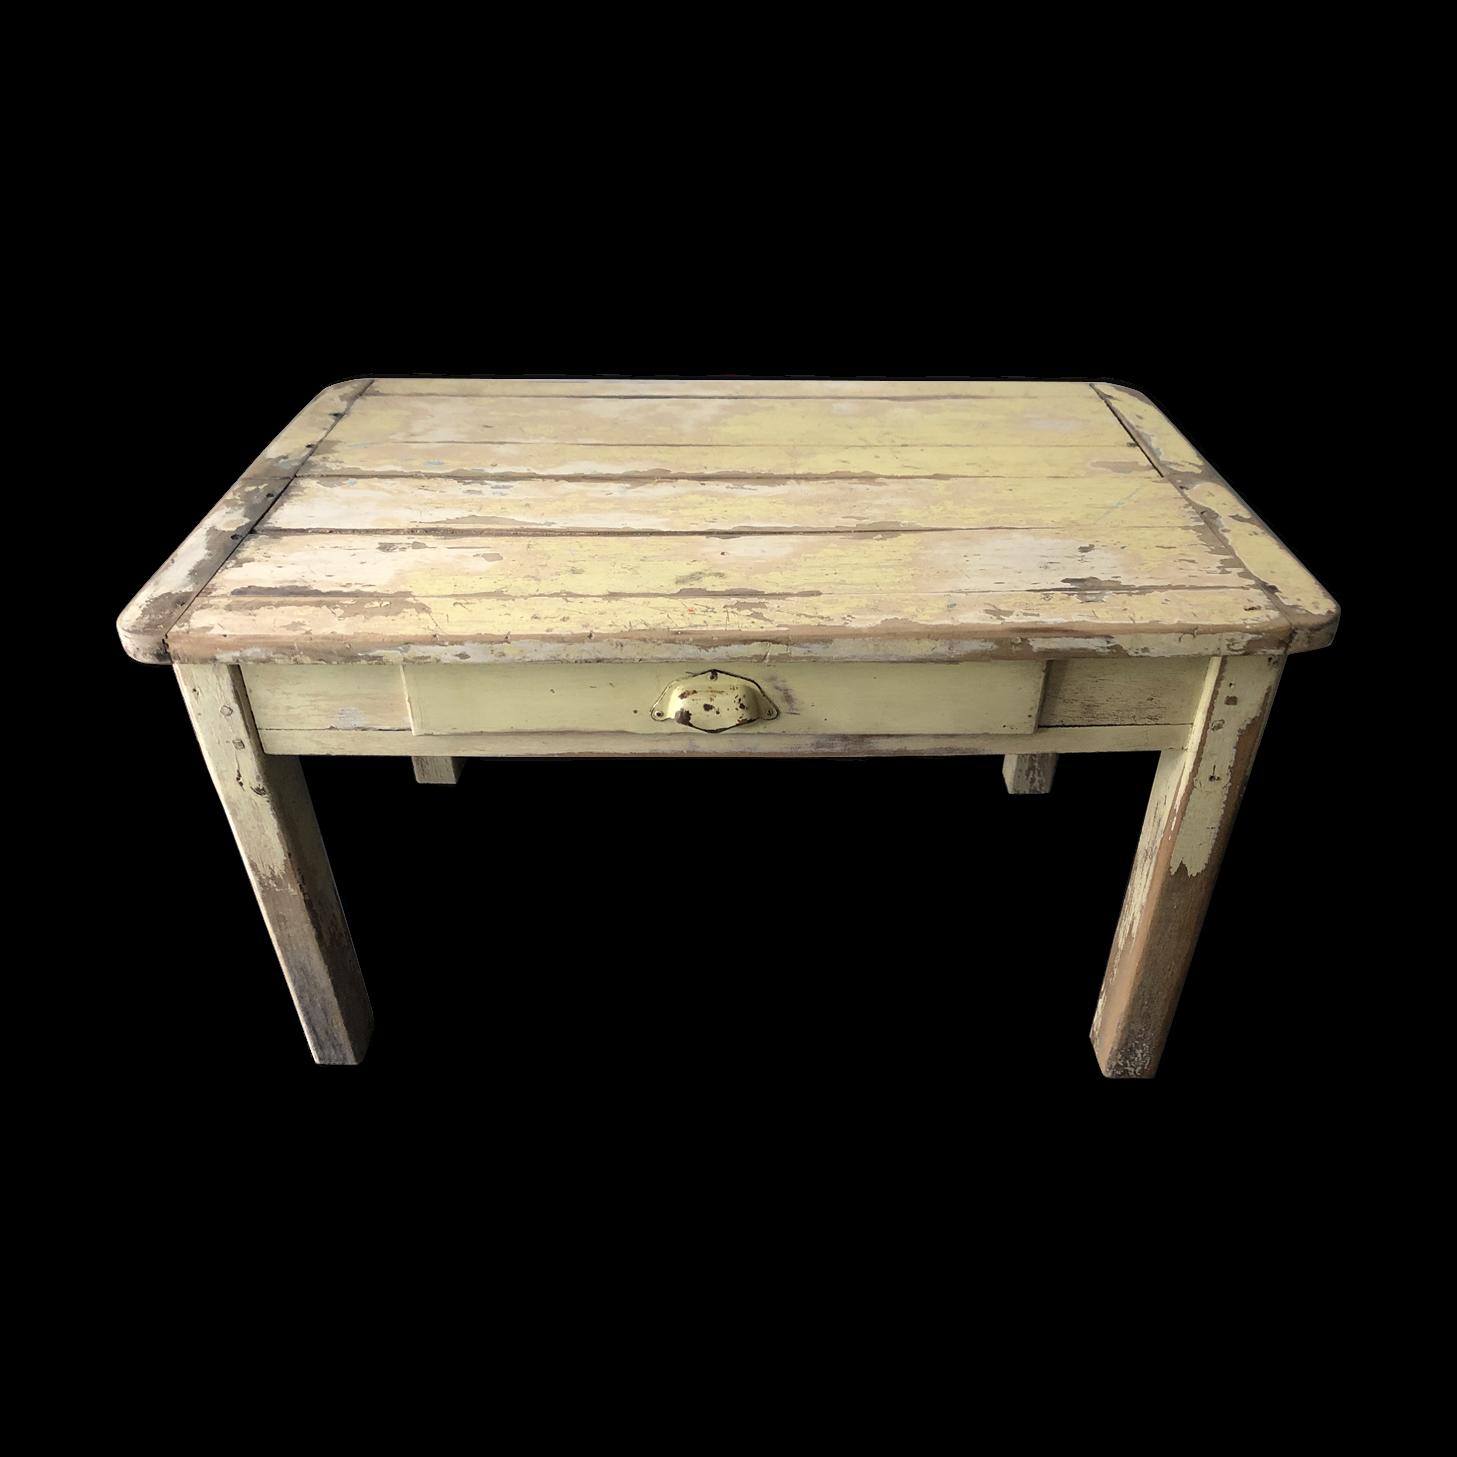 Table Basse De Ferme, Esprit Campagne Chic